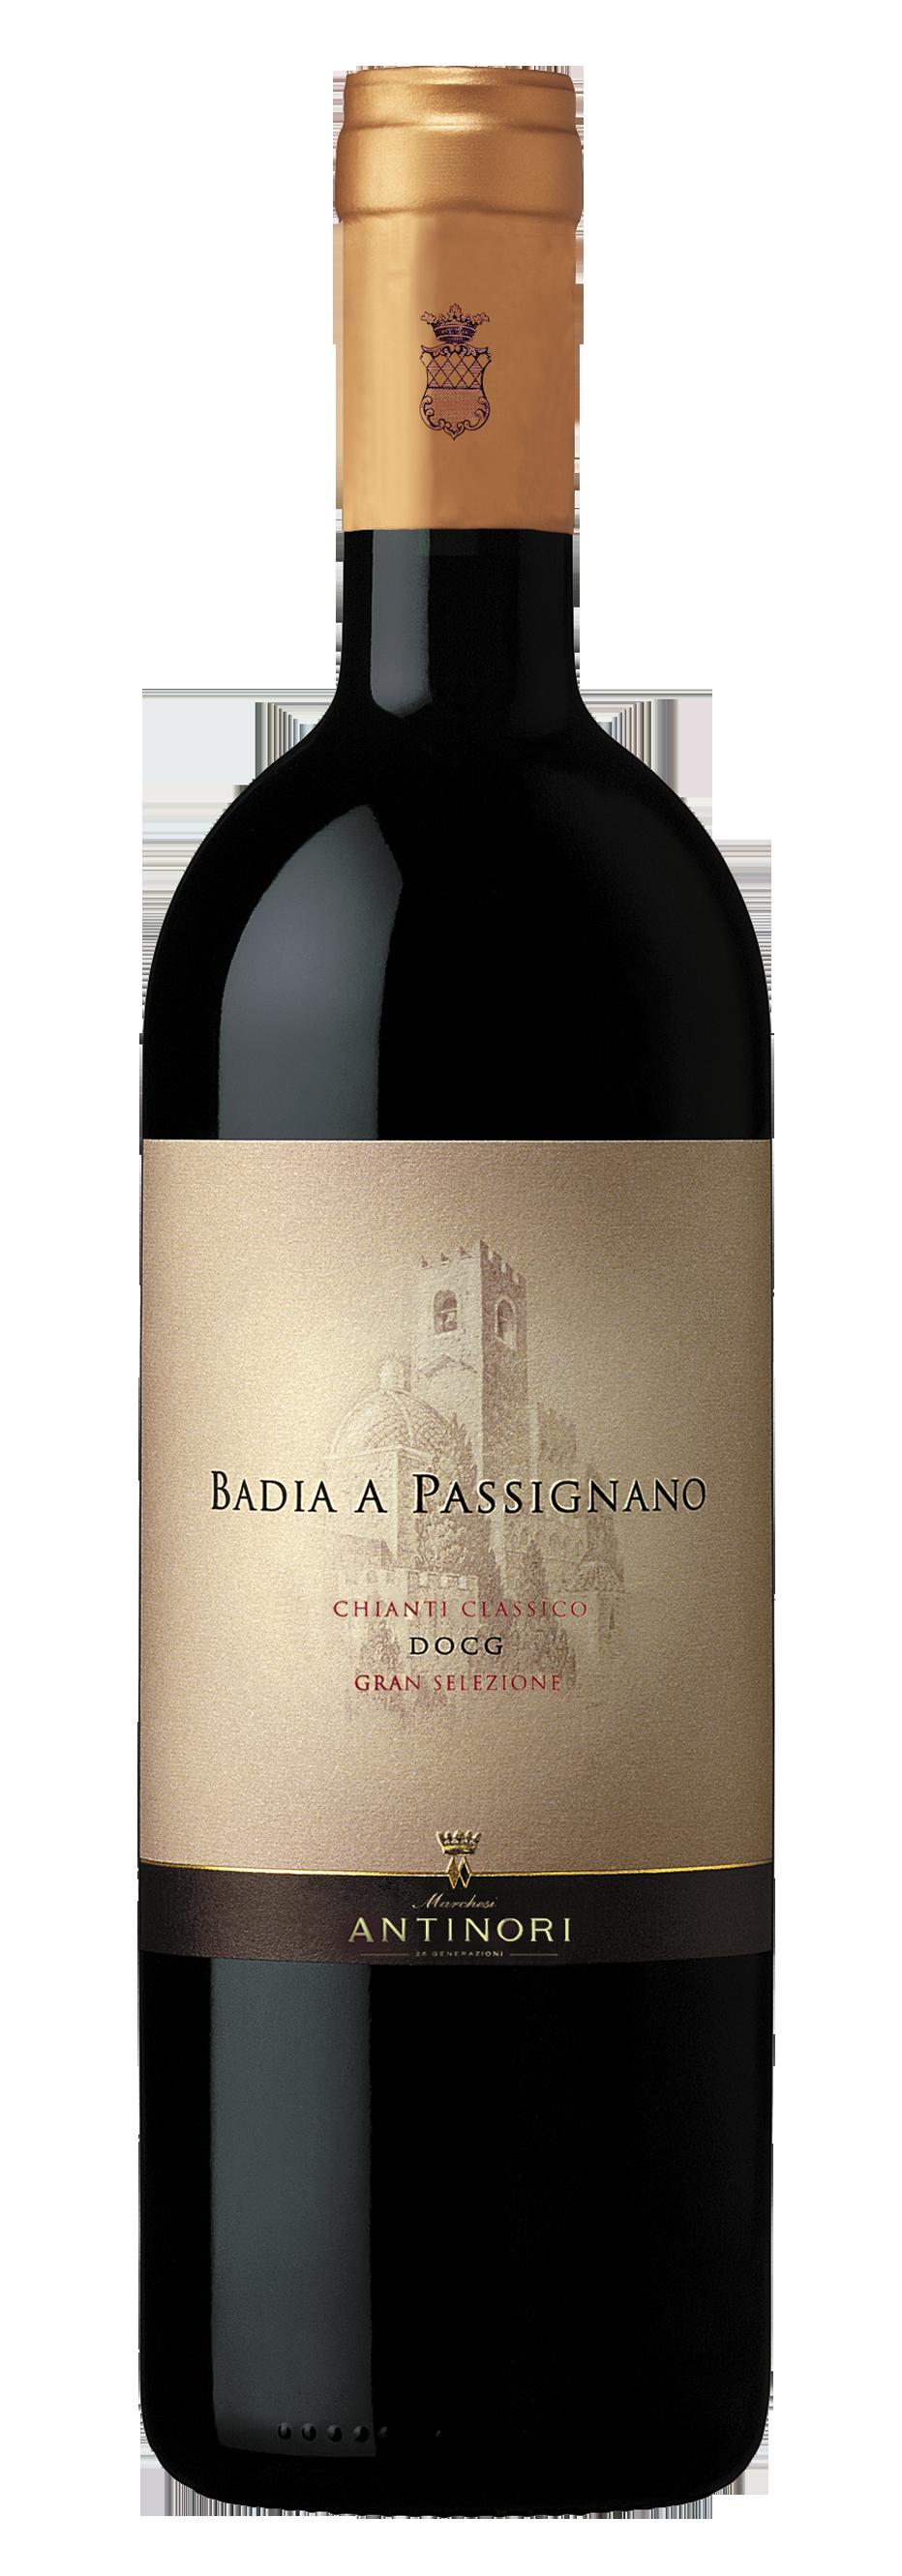 Badia a Passignano 2015